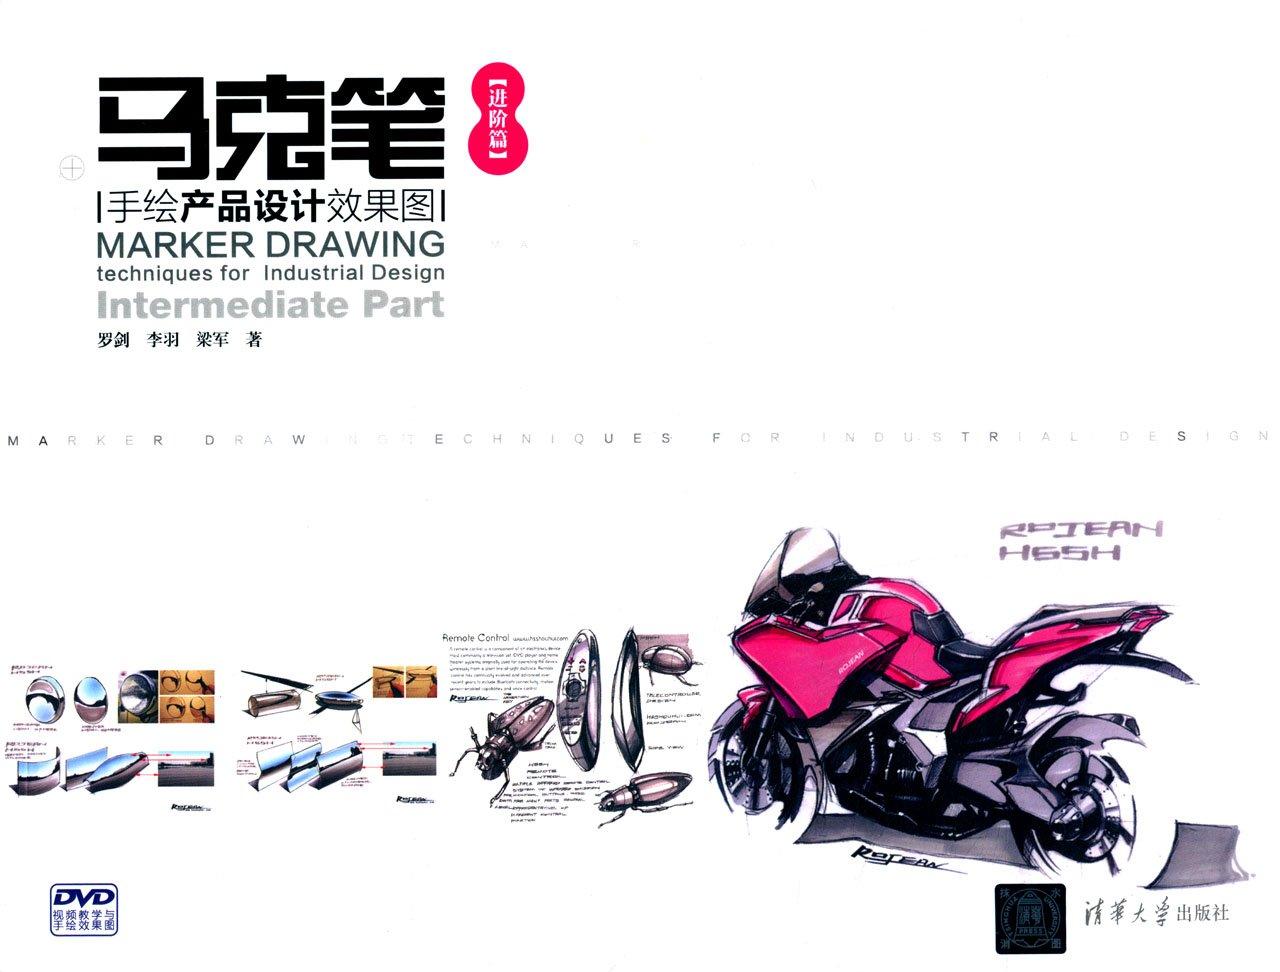 马克笔手绘产品设计效果图【进阶篇】(配光盘) 罗剑,李羽,梁军